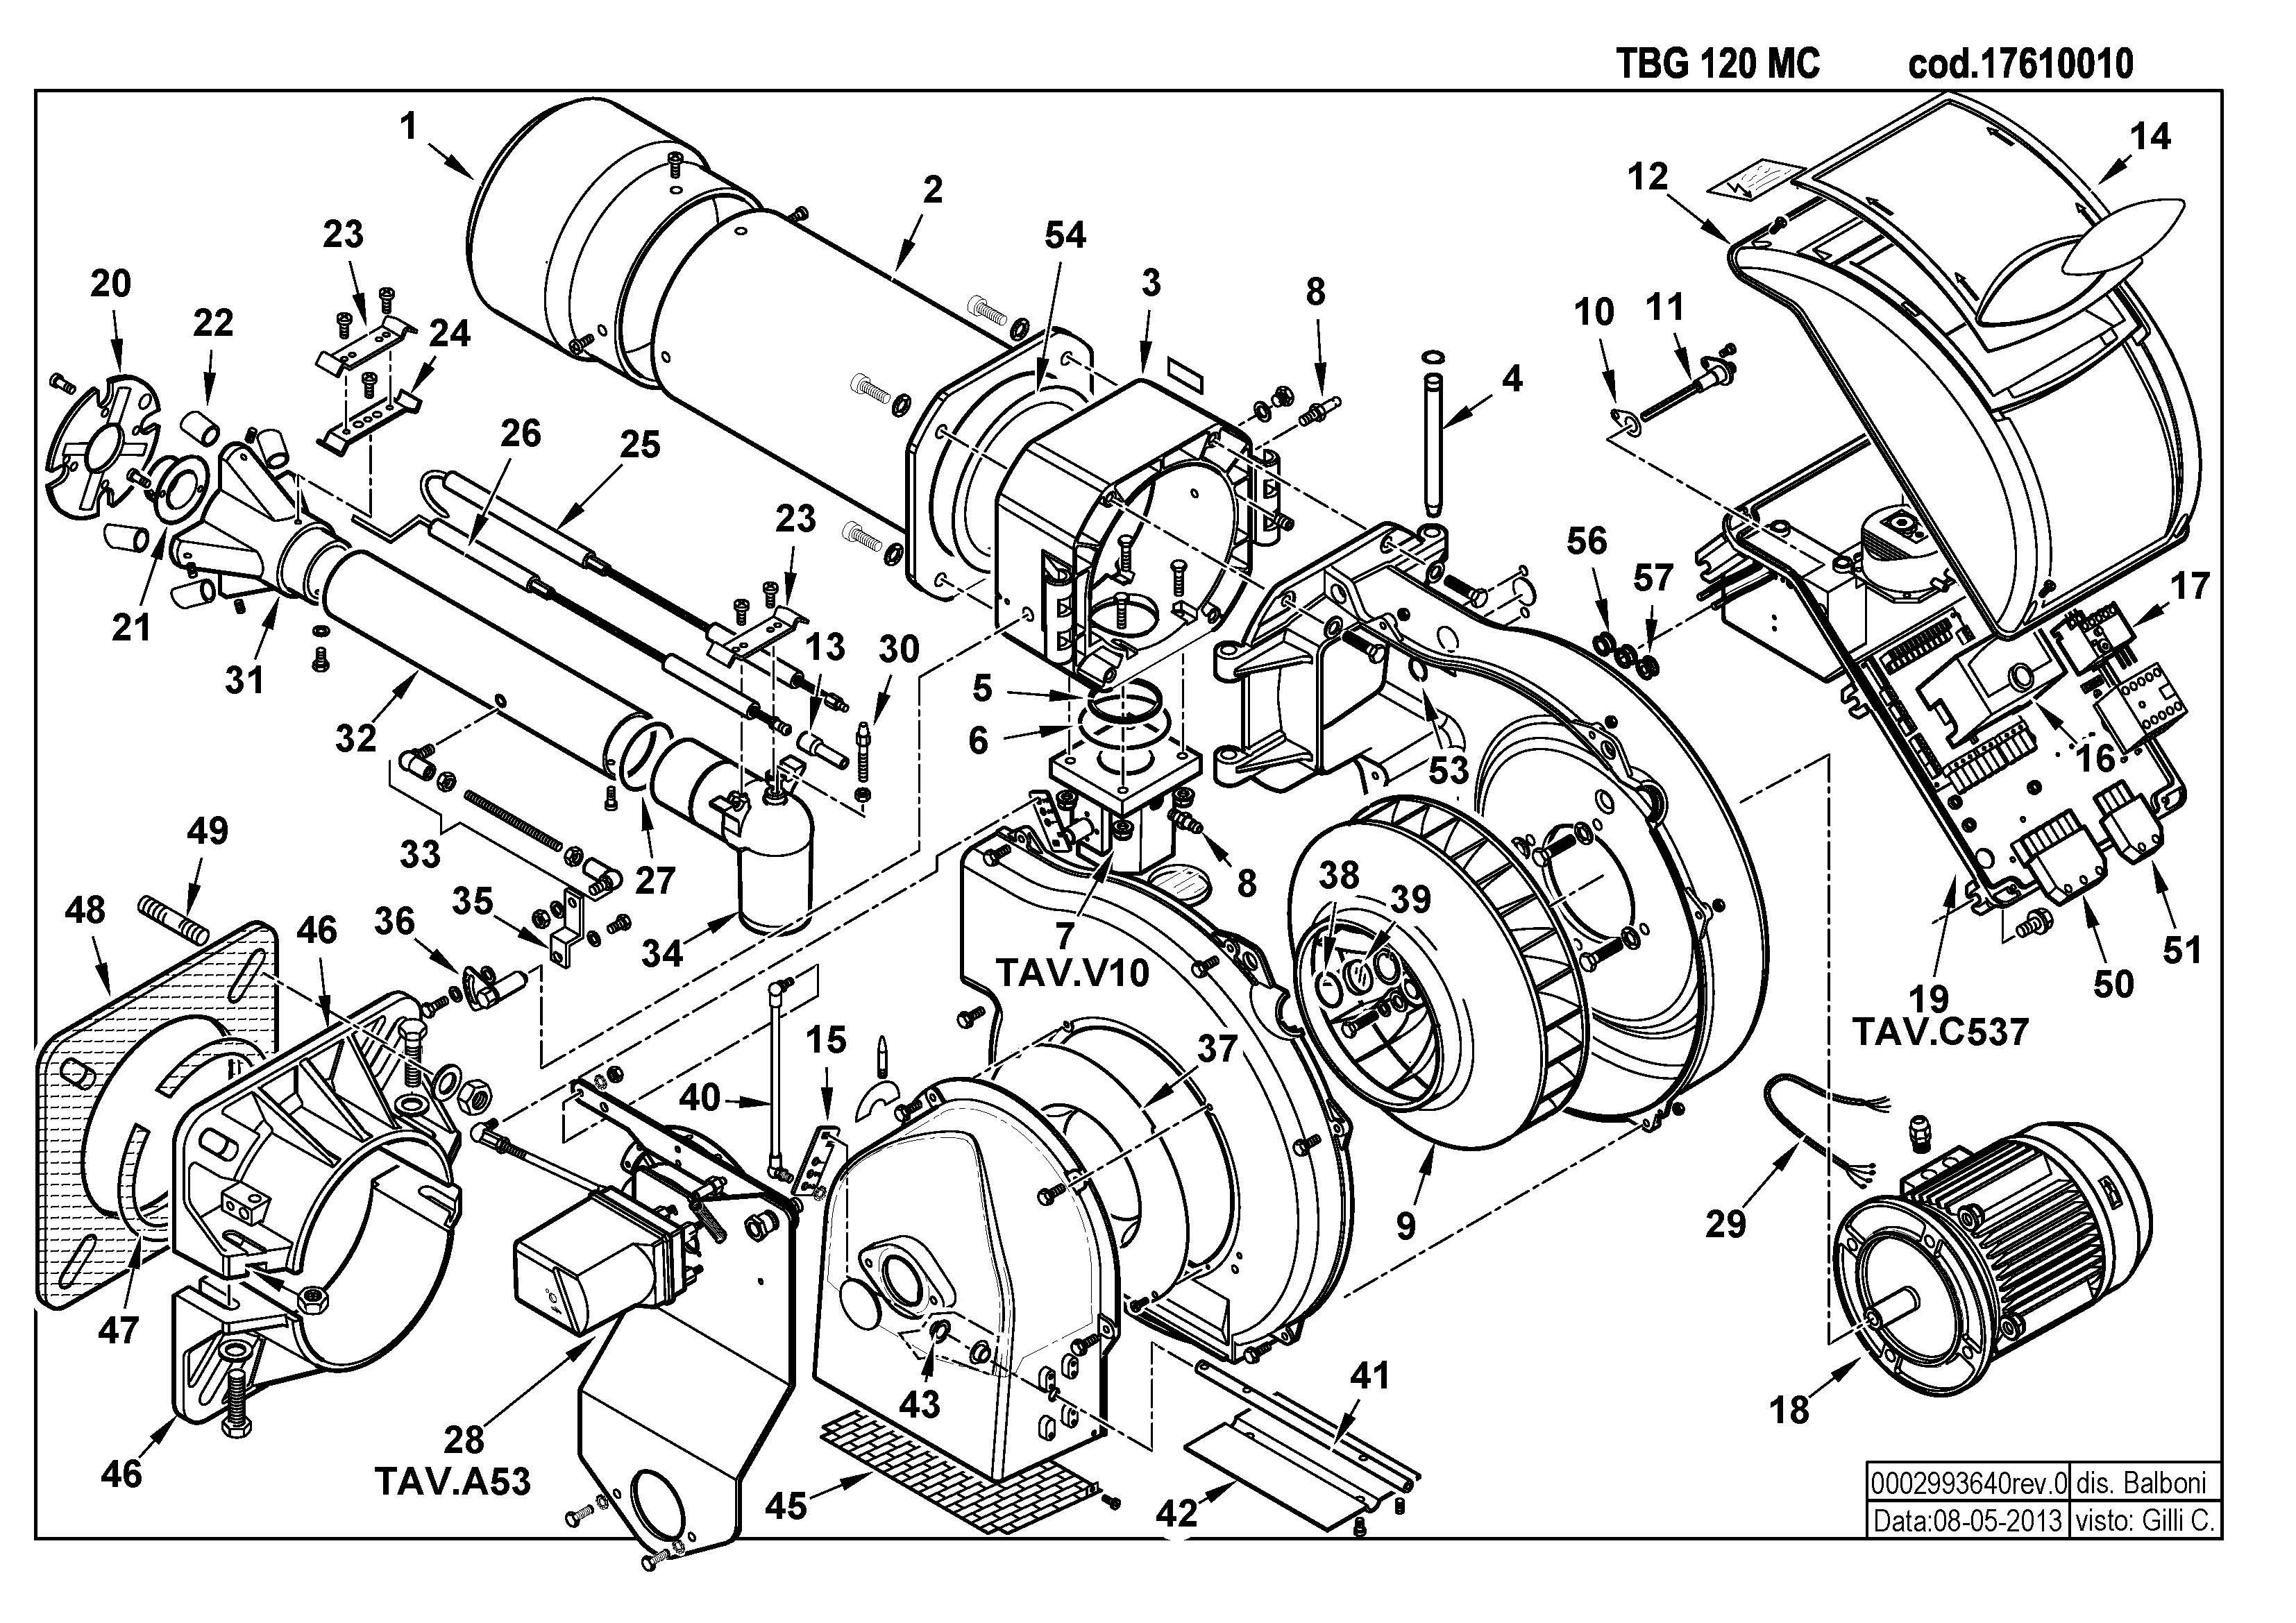 TBG 120 MC 17610010 0 20130508